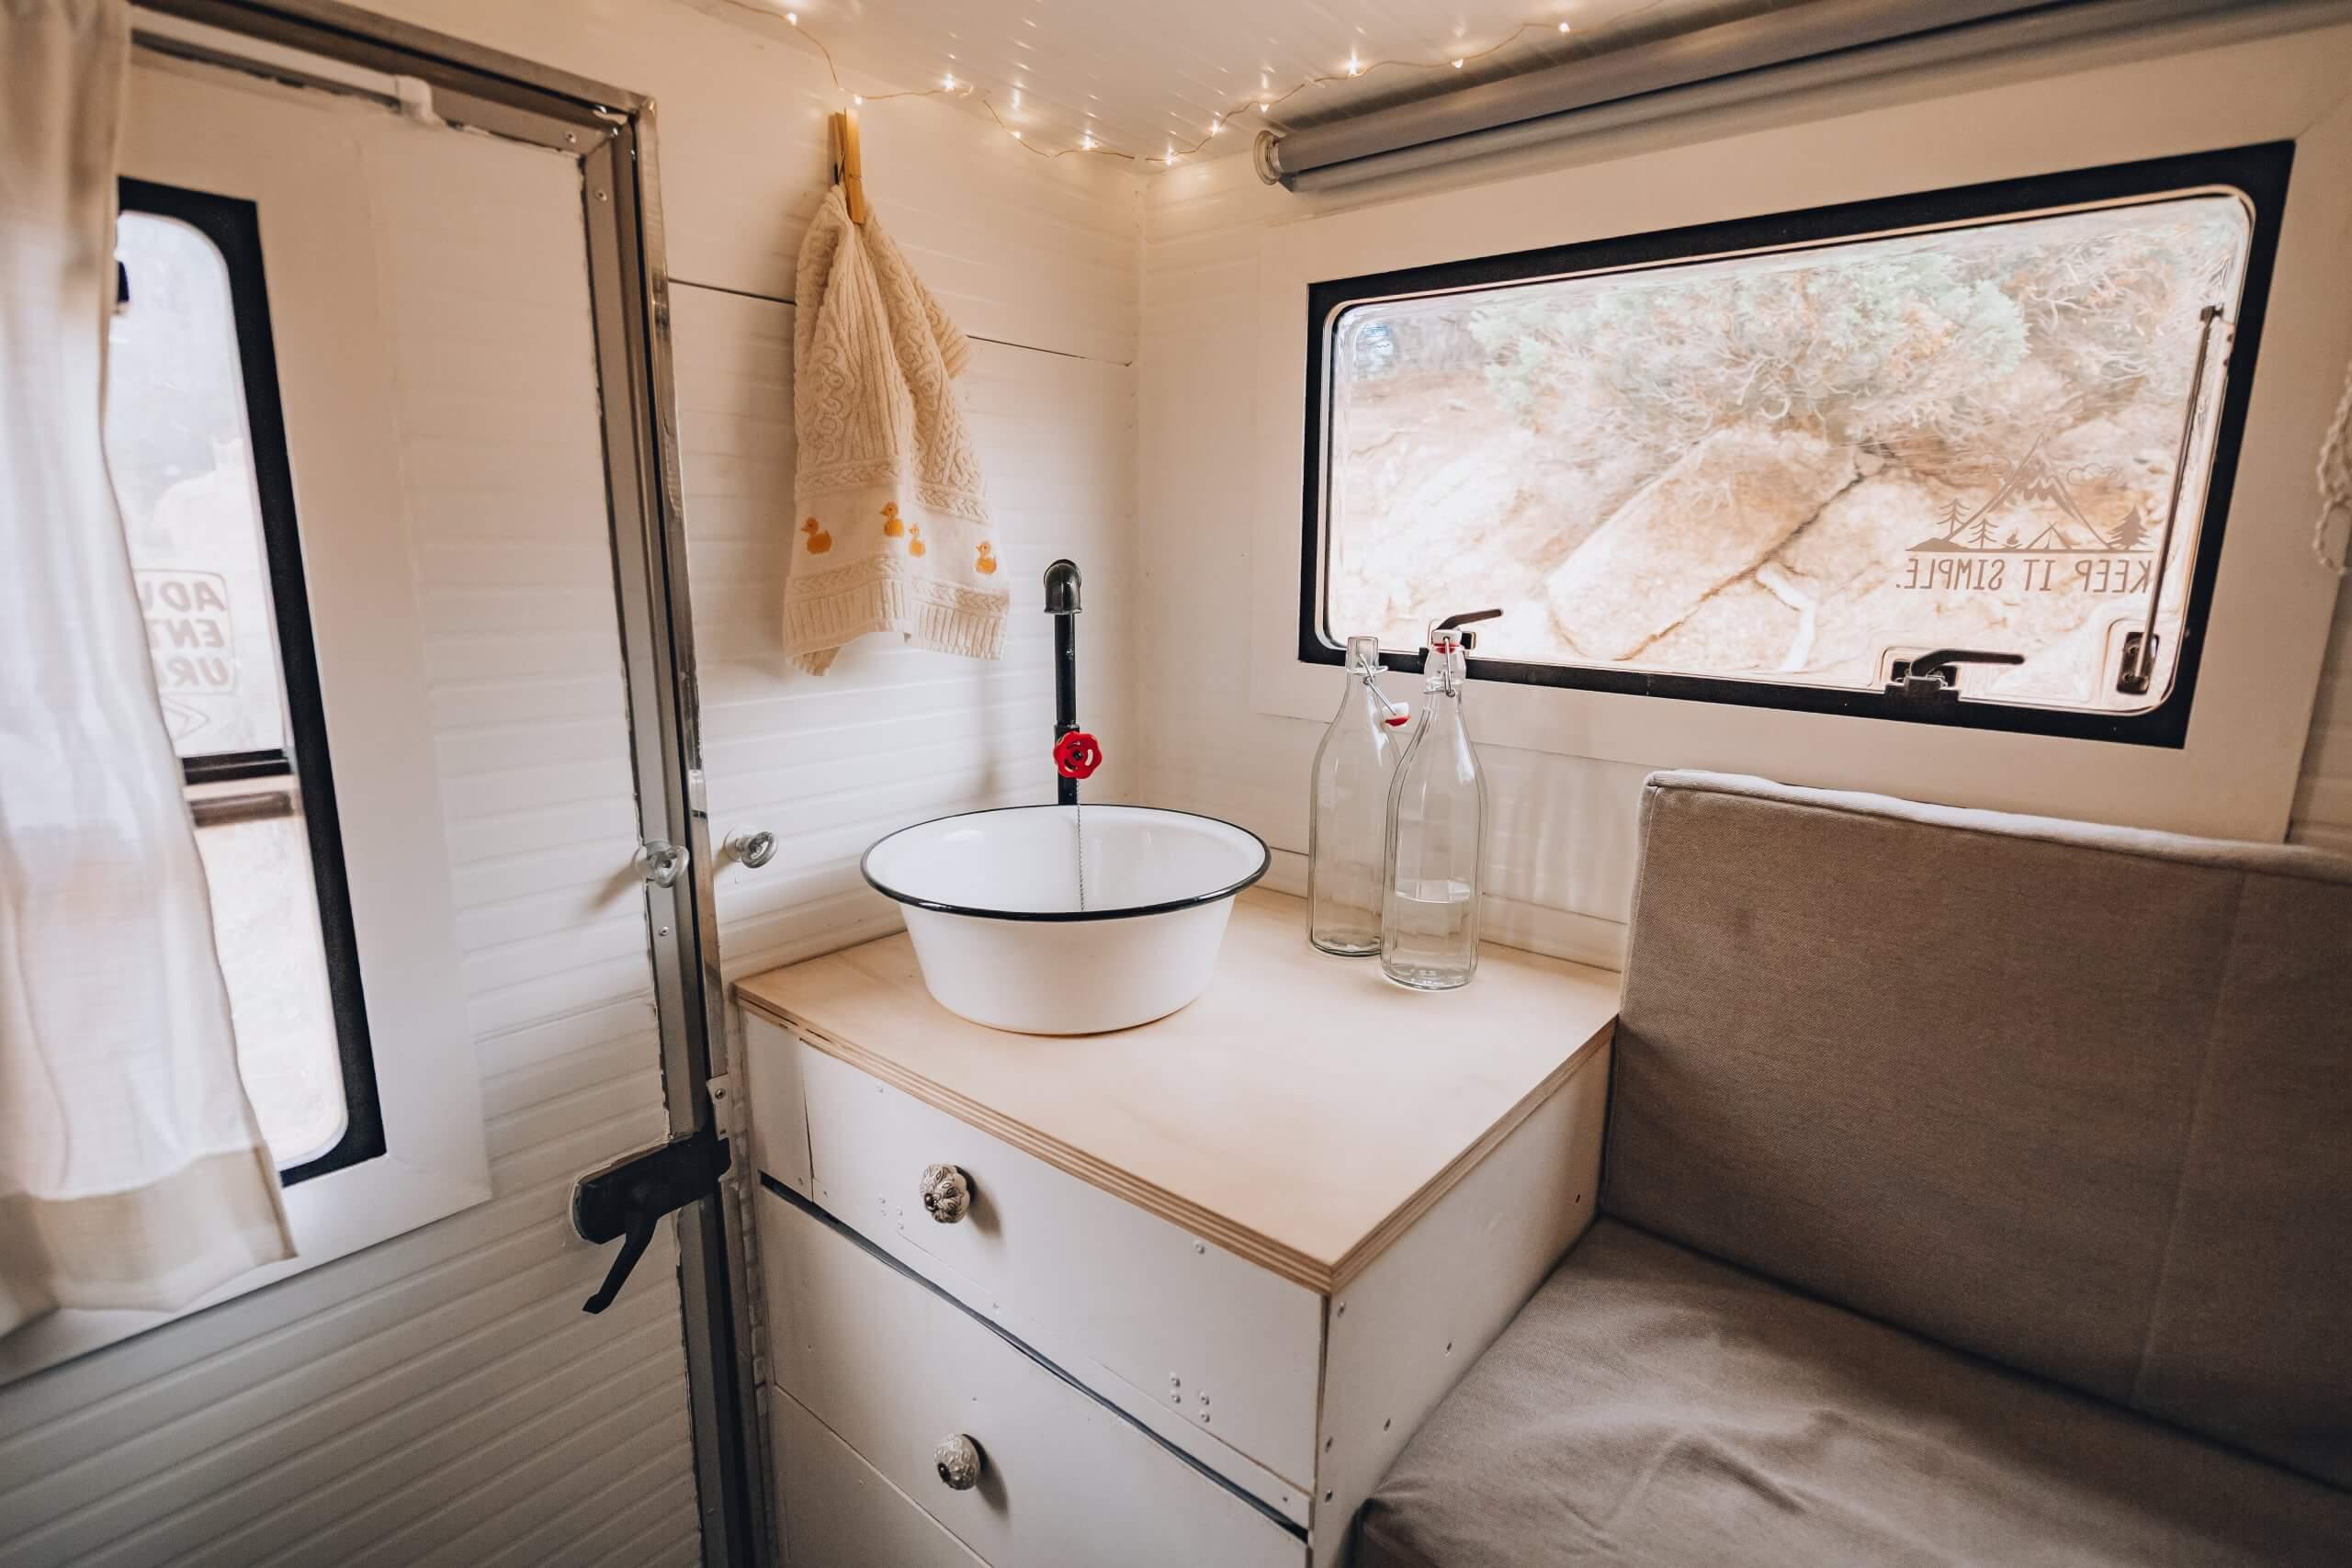 Selbstausbau: linke Küchenzeile mit Waschbecken